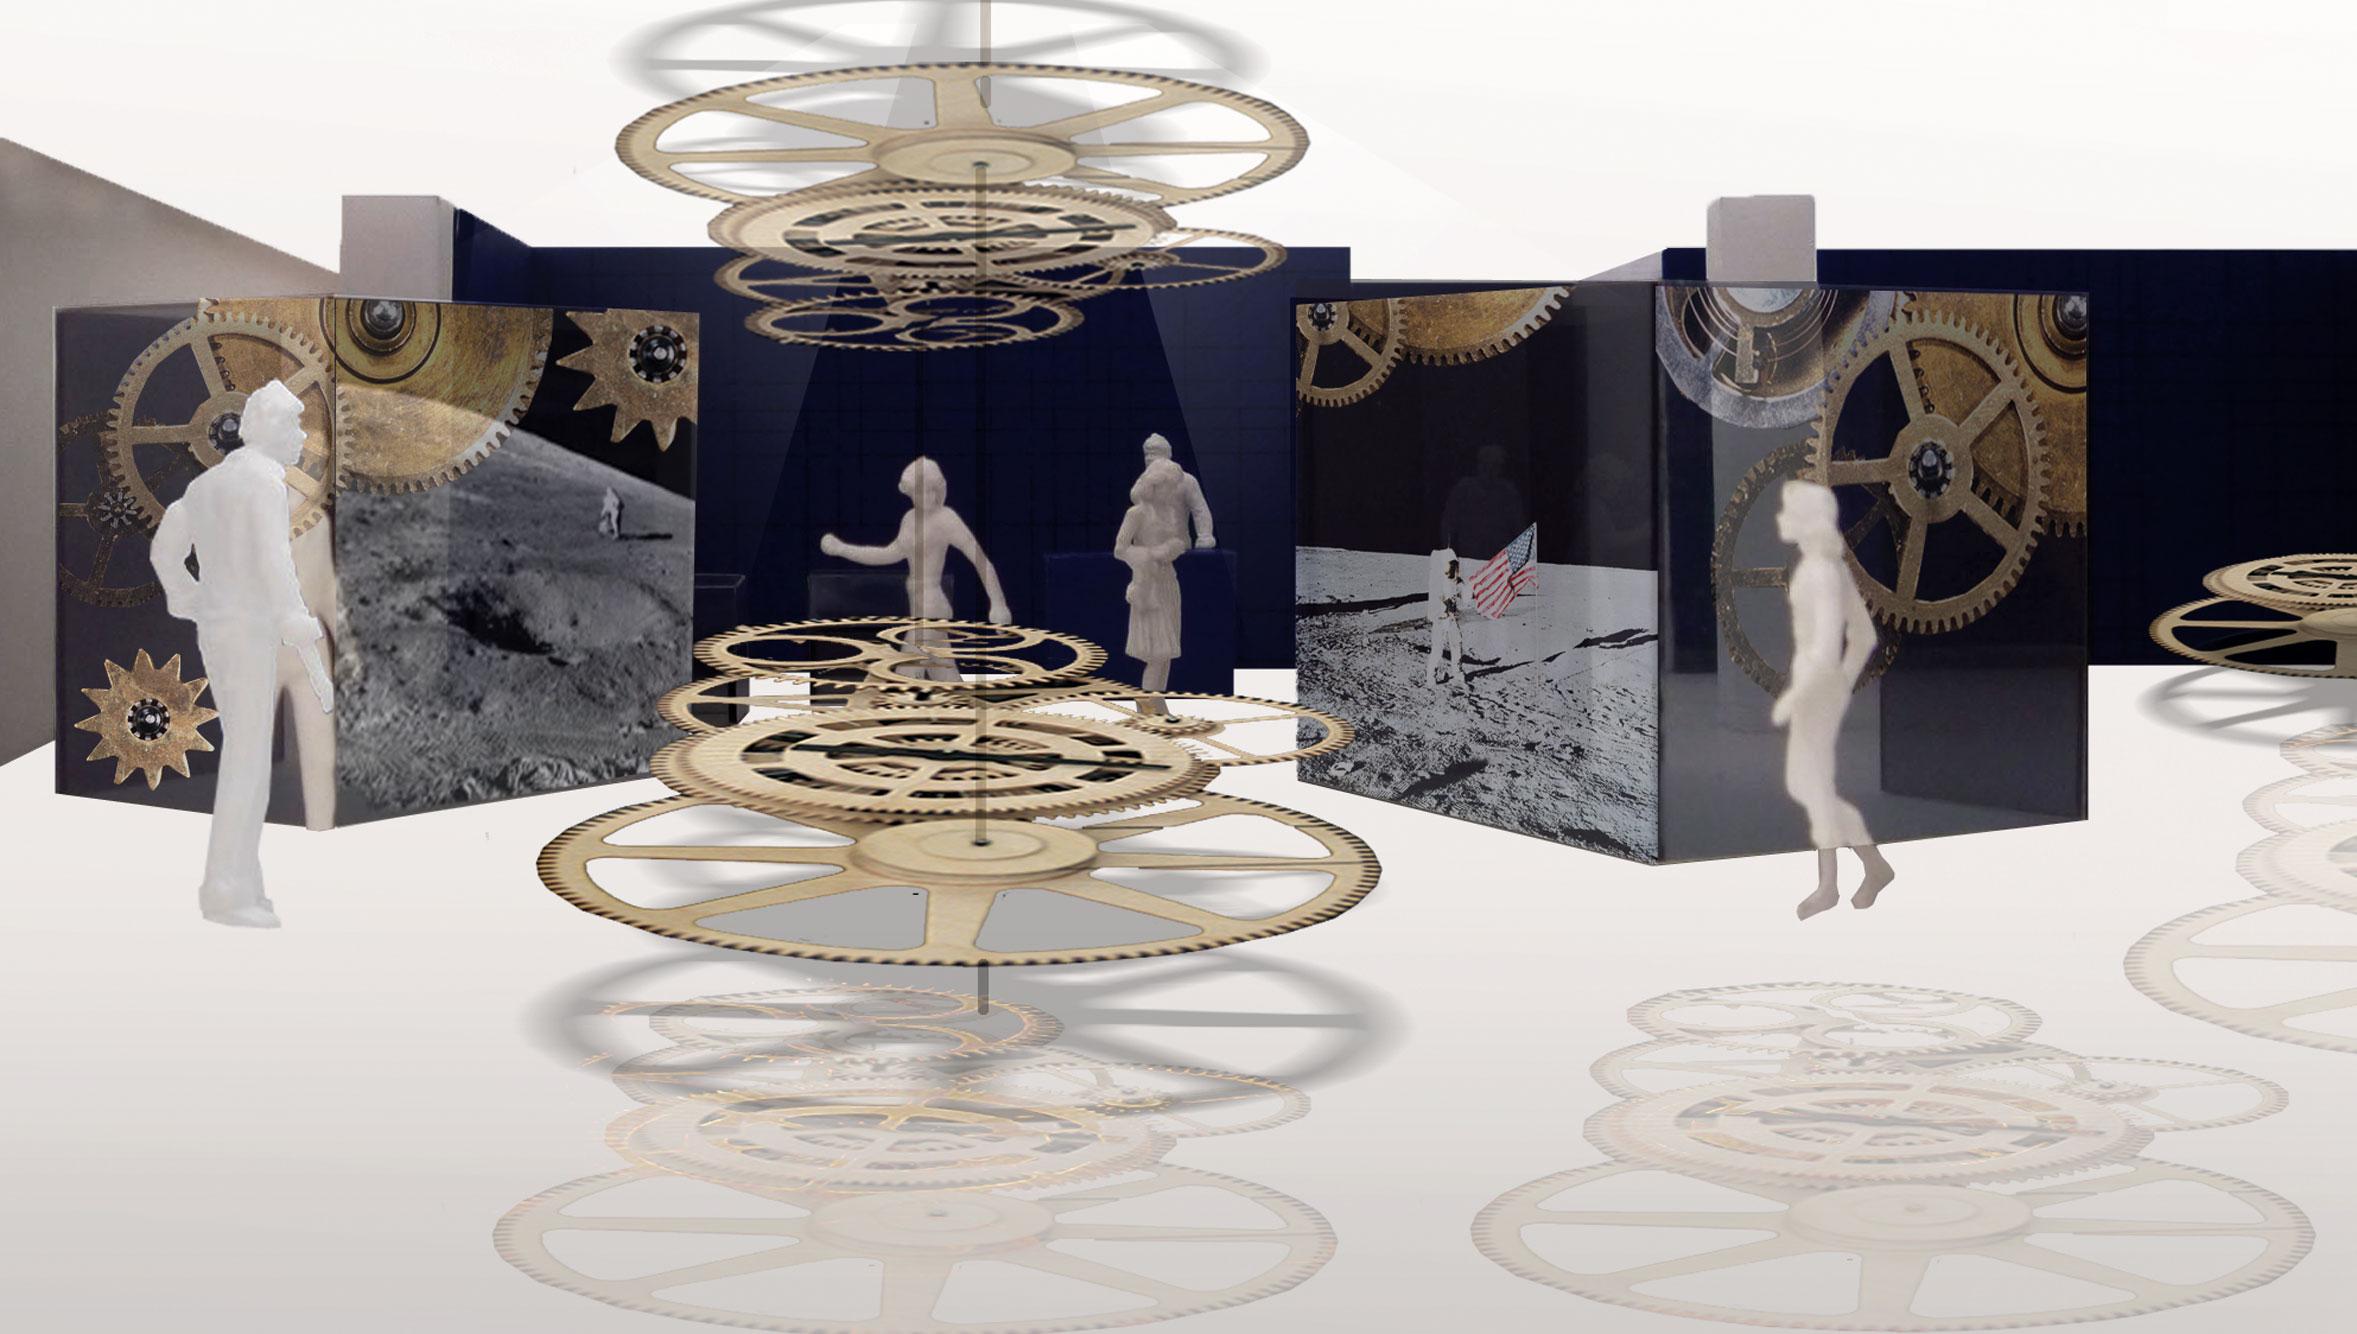 von GROTE Ausstellungsgestaltung und Design / Montblanc Flagshipstore Peking